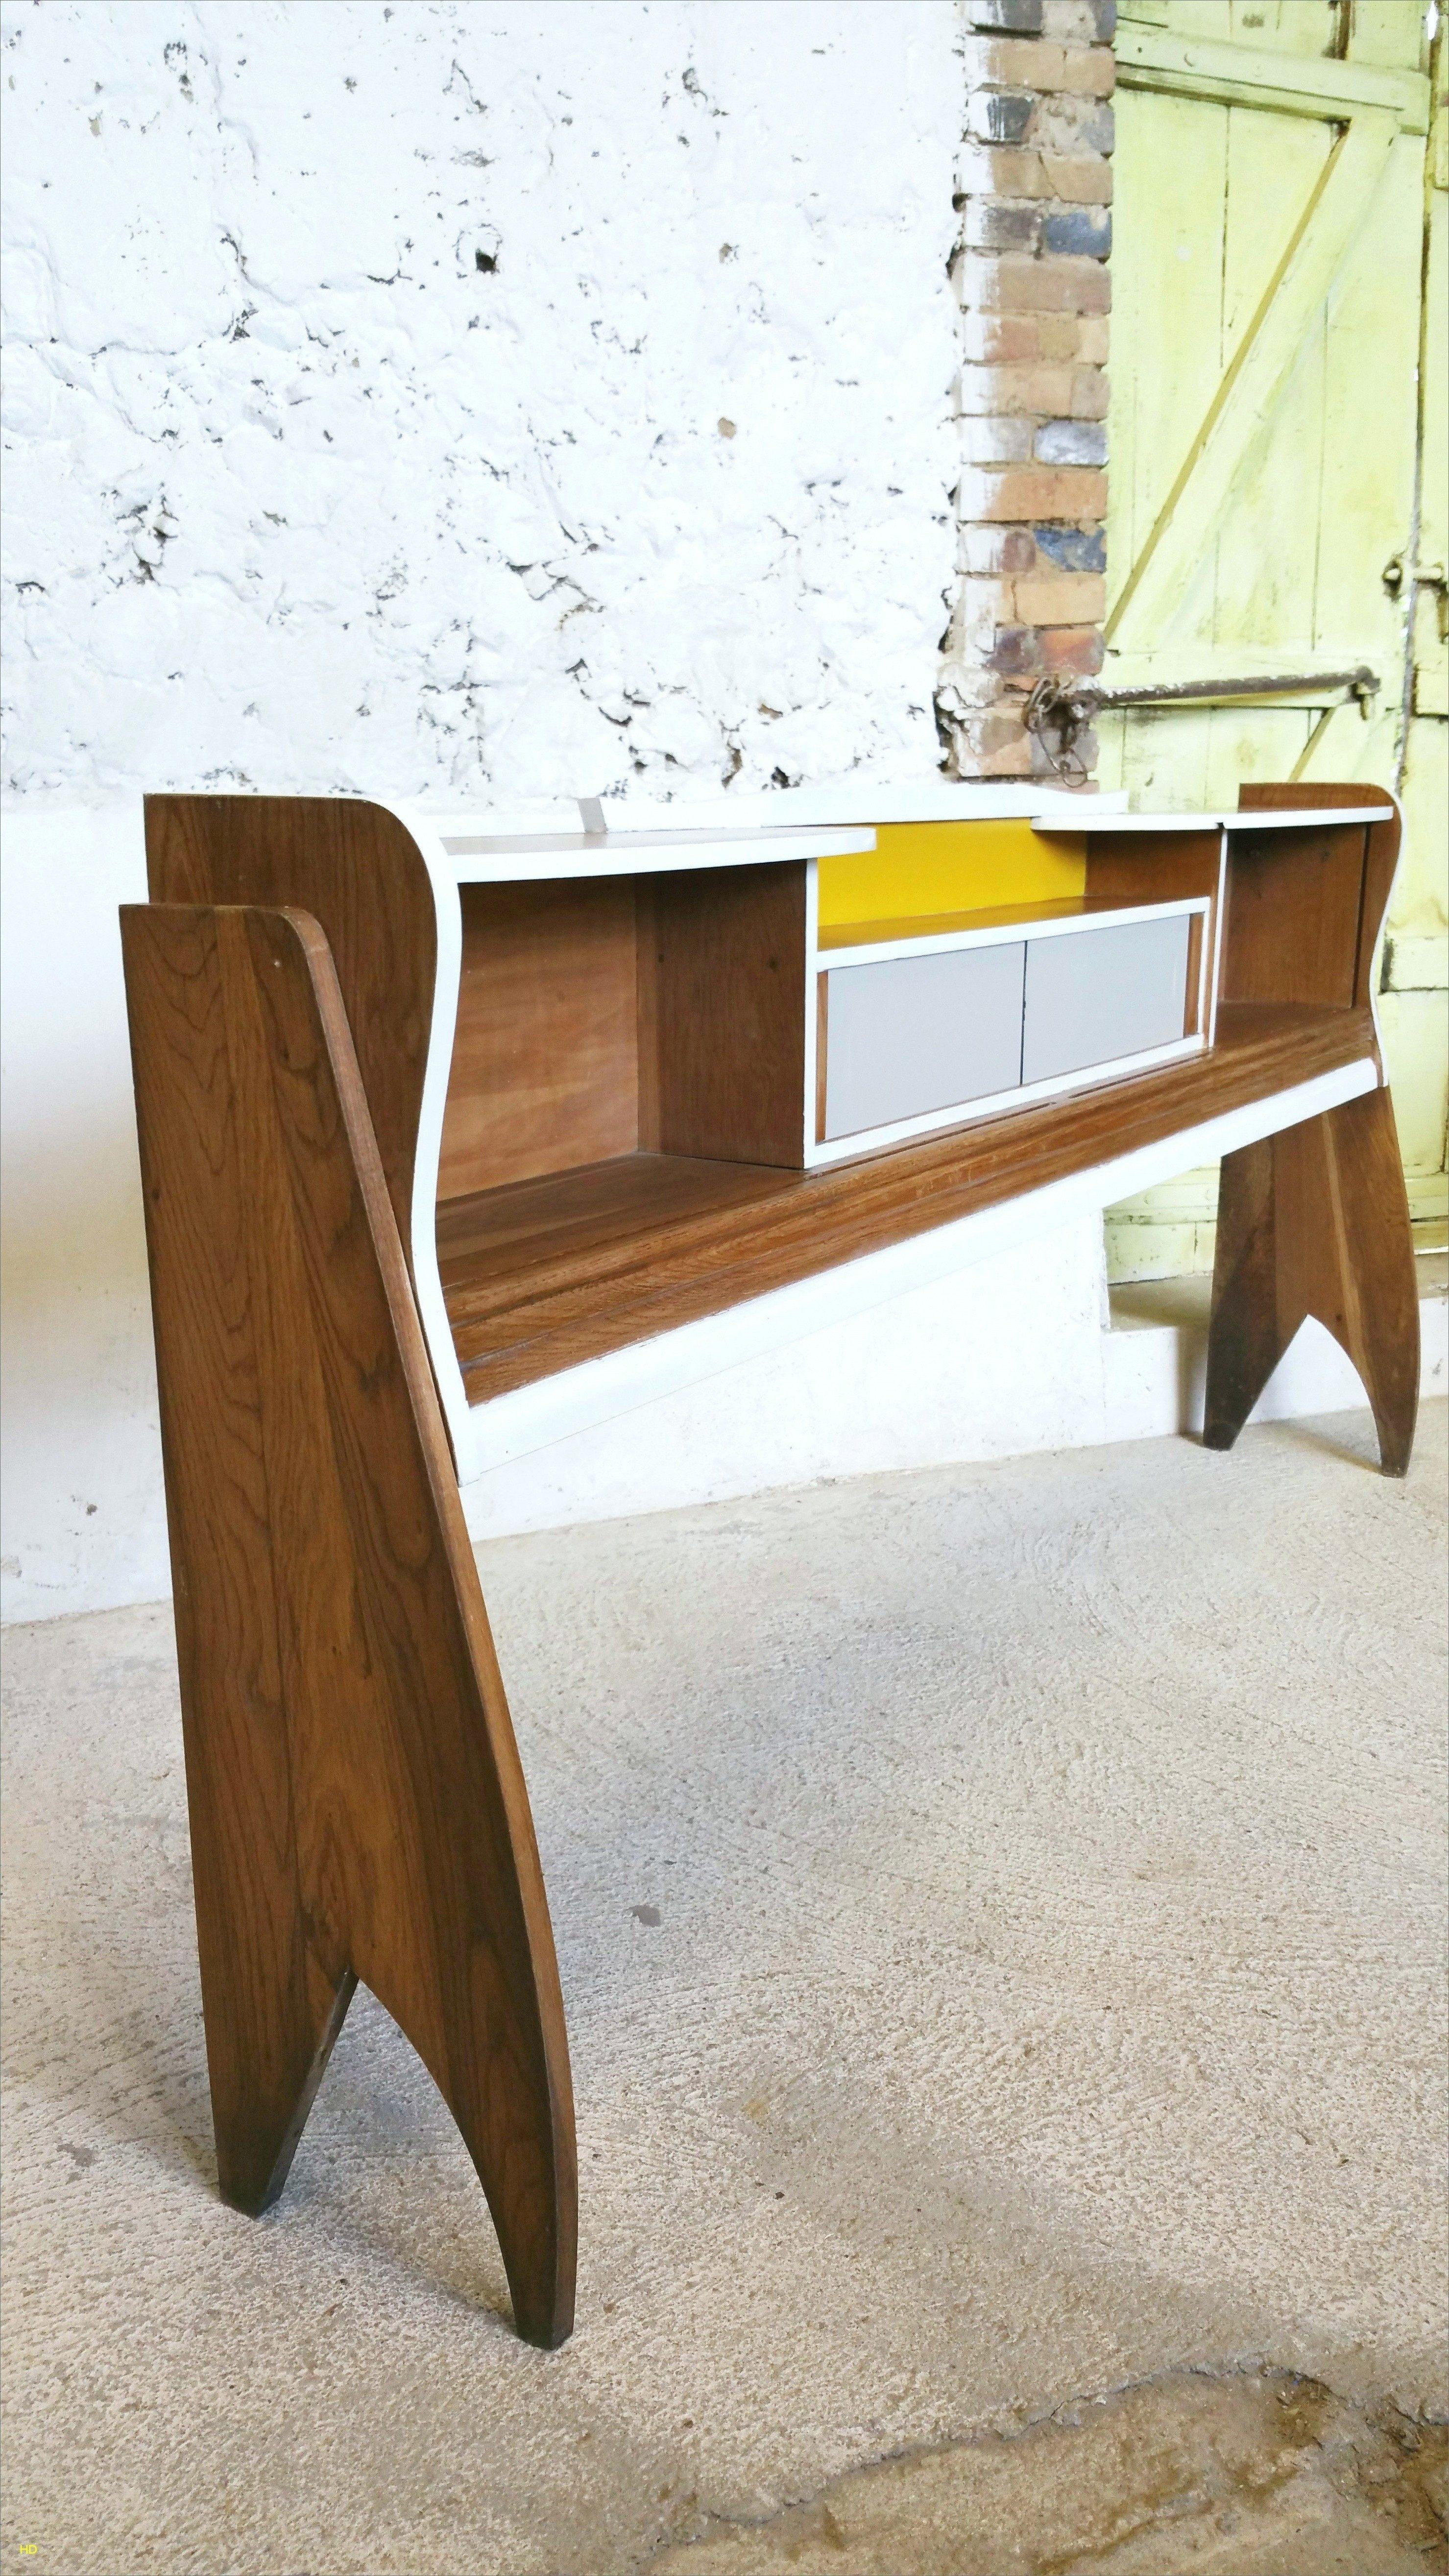 Table De Lit Ikea Douce Fauteuil Design Ikea Délicieuse S Fauteuil Lit 2 Places